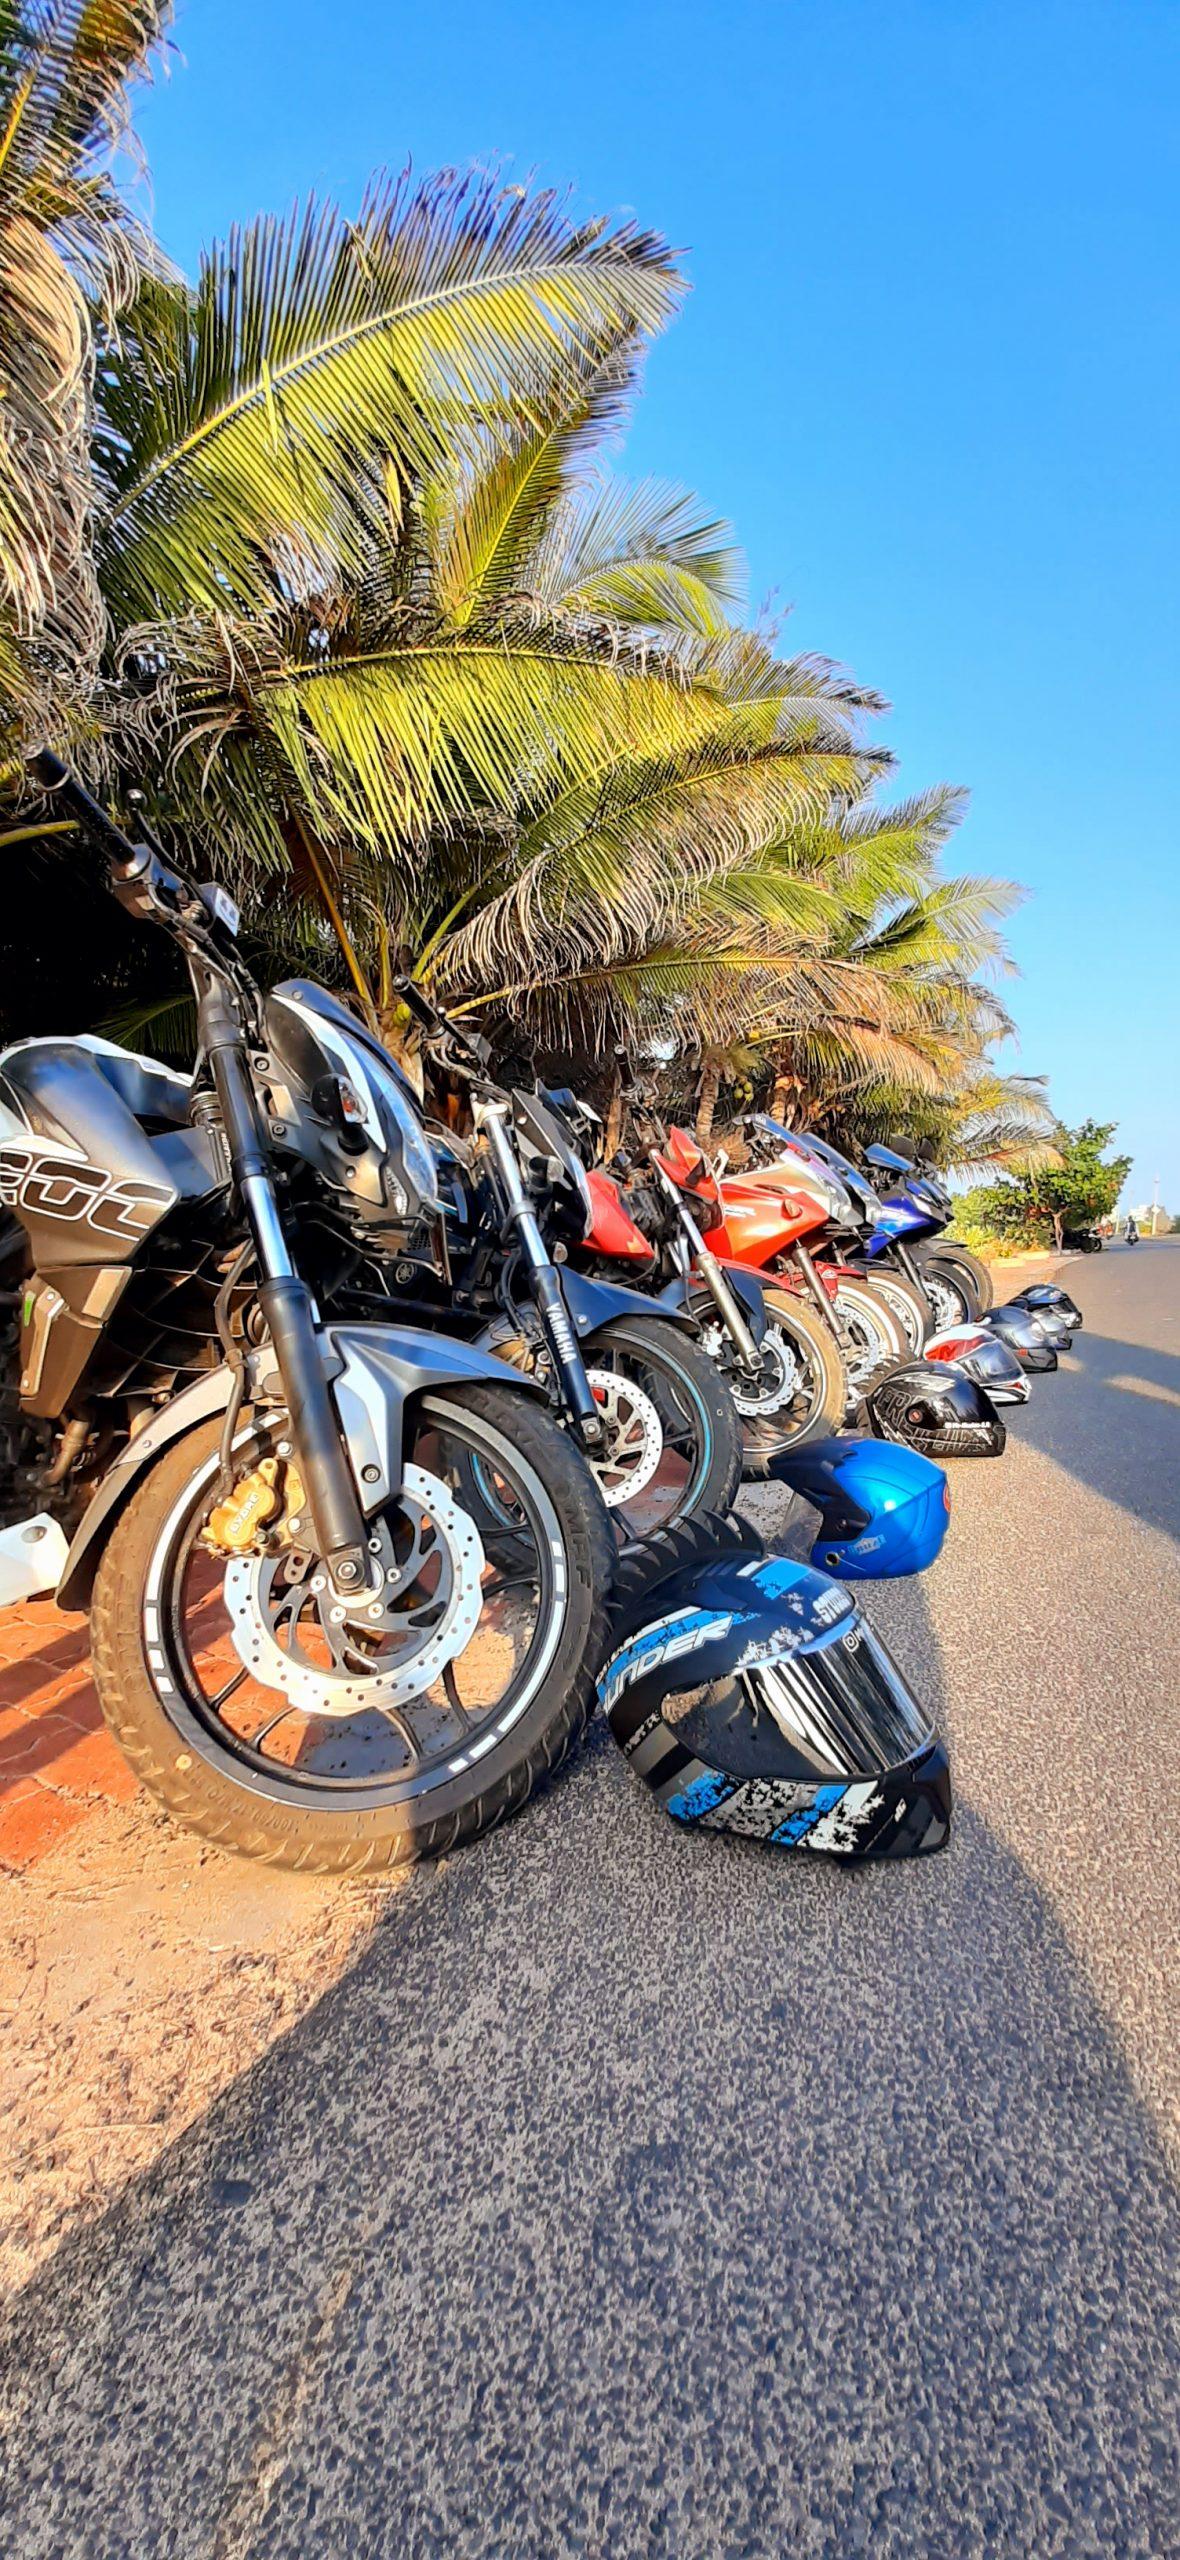 Series of Motorcycle